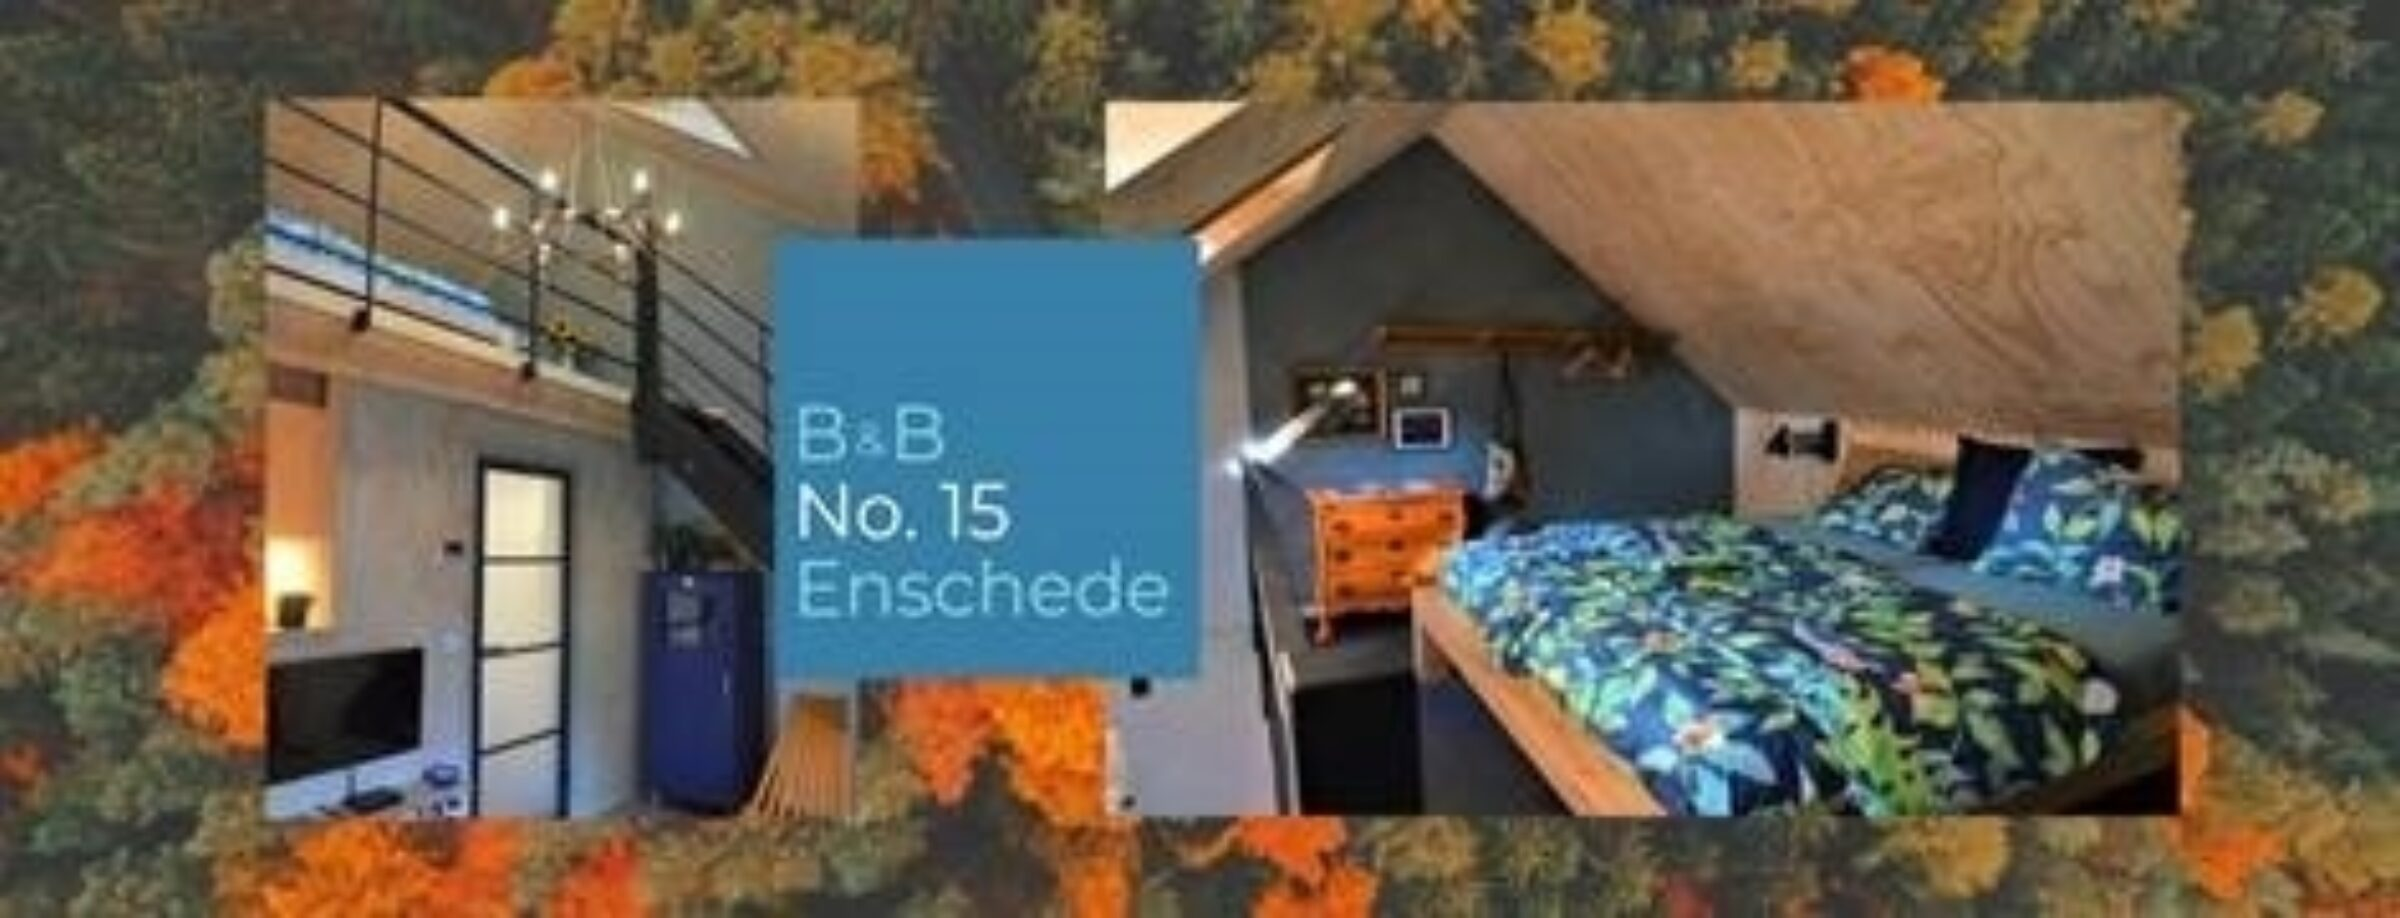 Bb no 15 Enschede